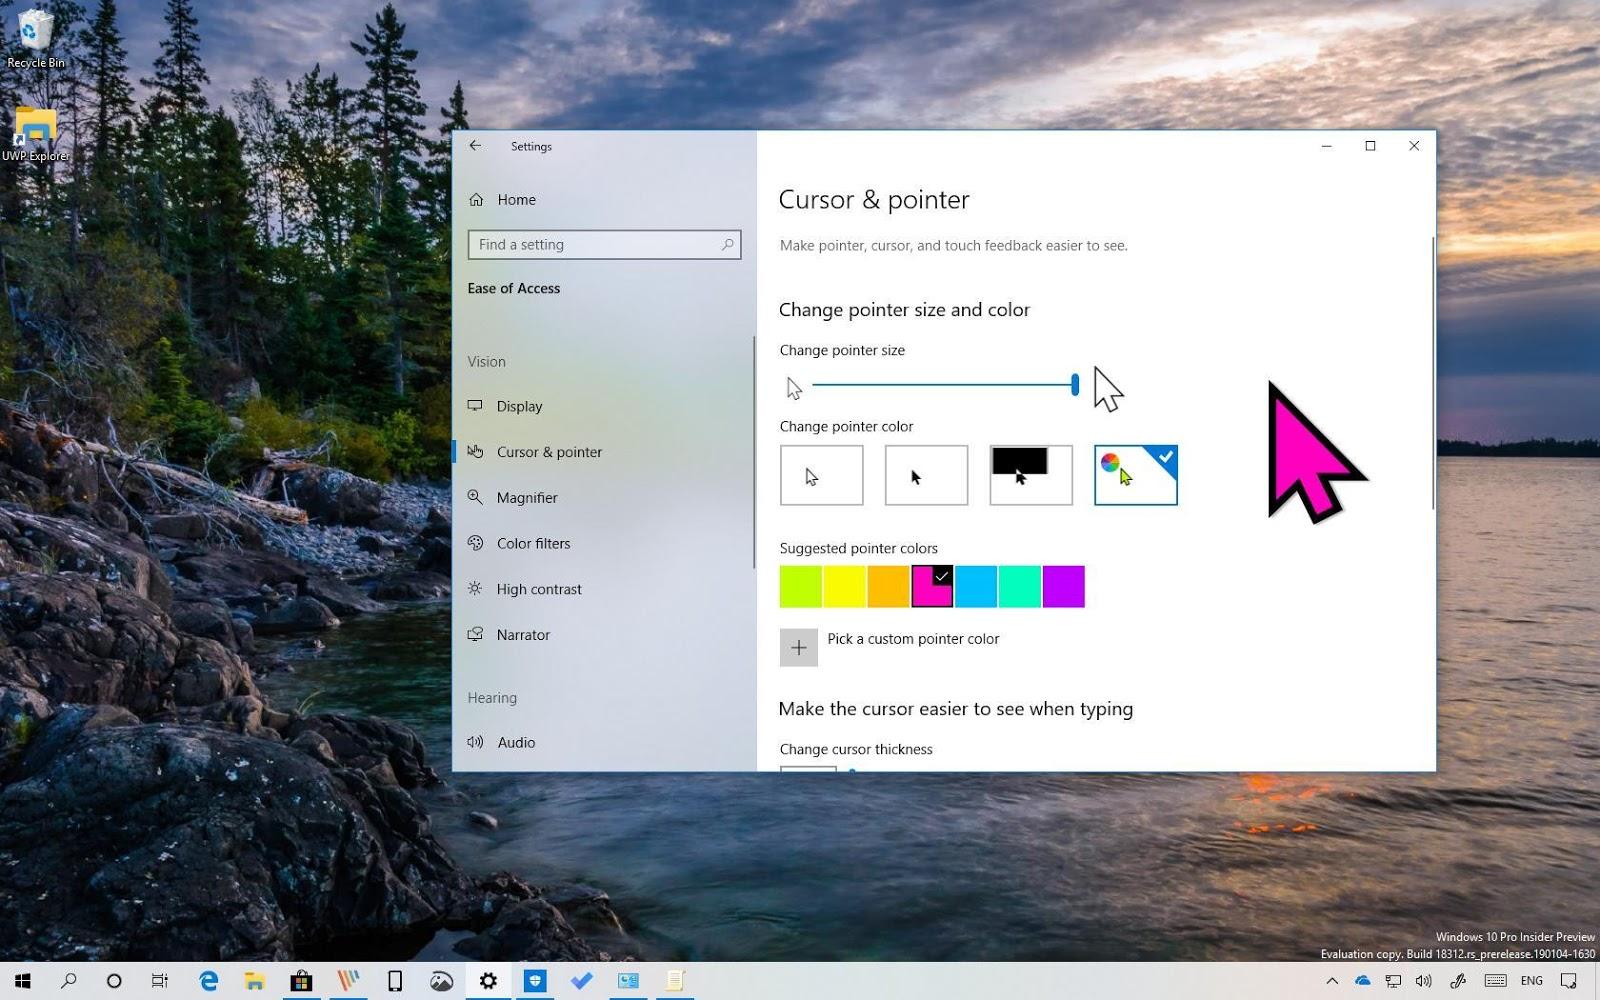 Impostare-dimensione-mouse-windows-10